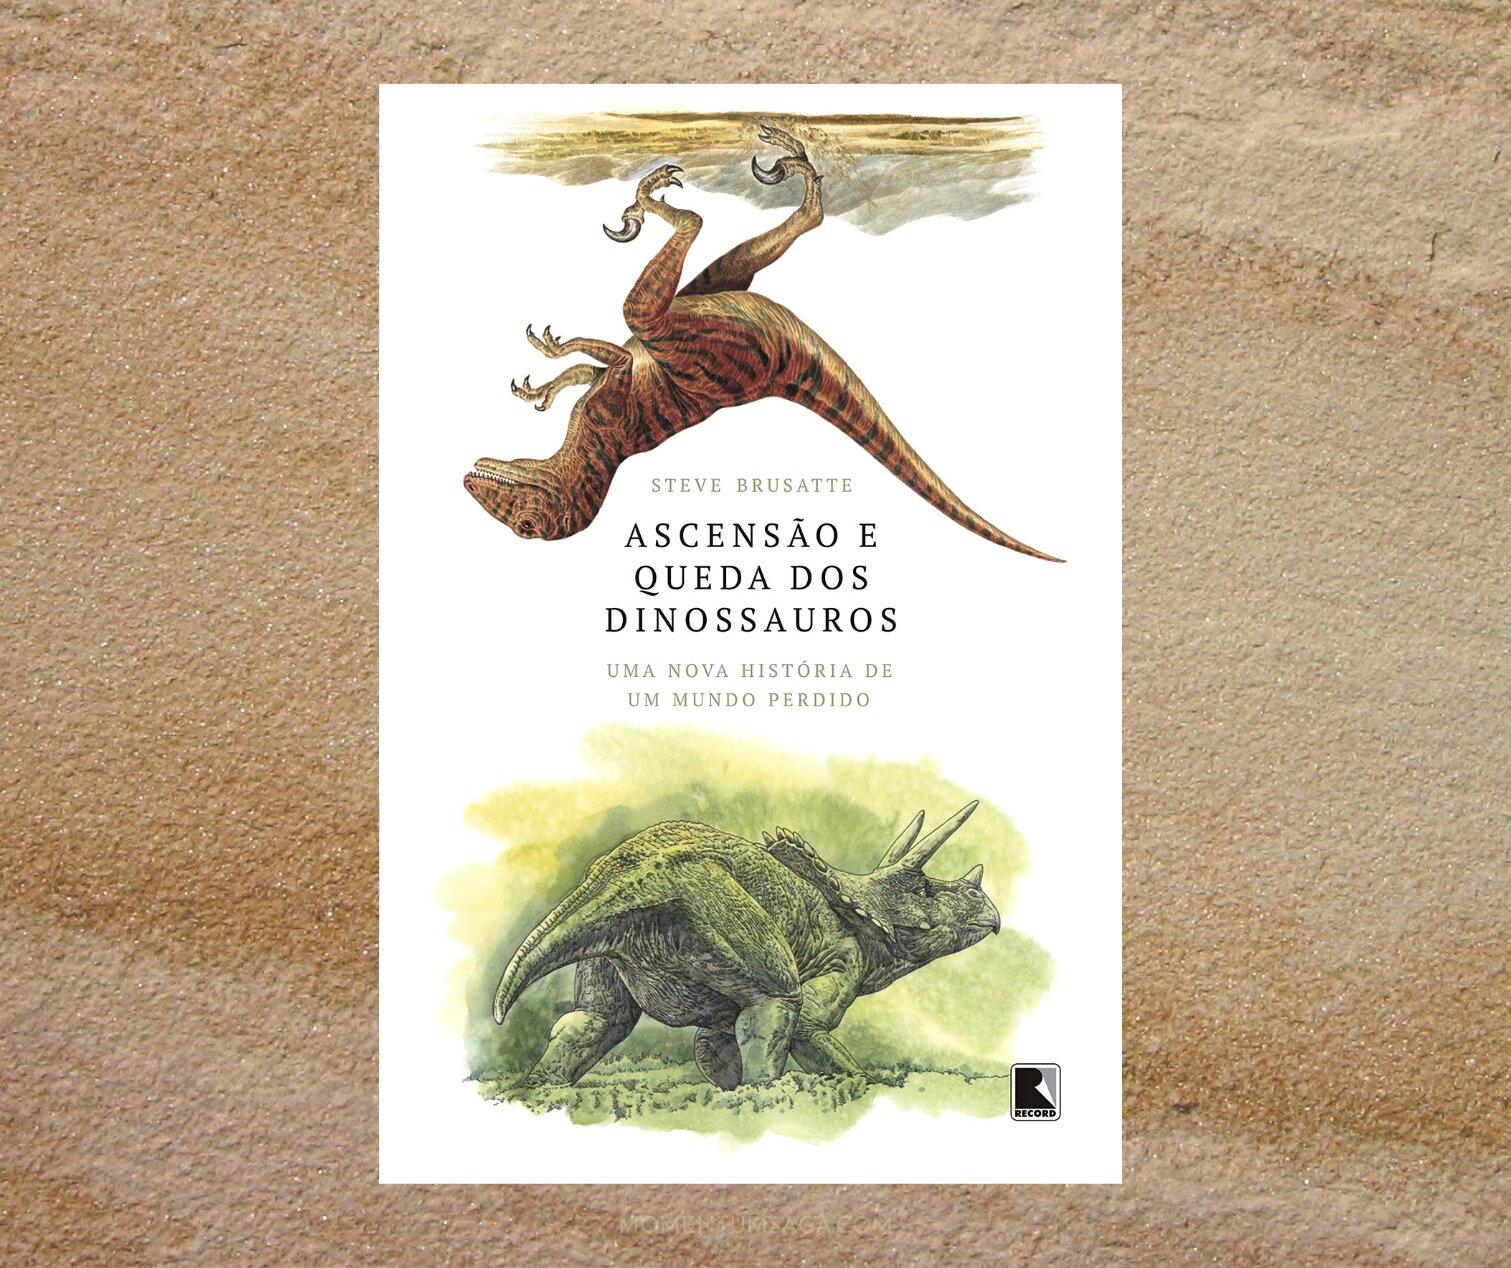 Resenha: A ascensão e queda dos dinossauros, de Steve Brusatte